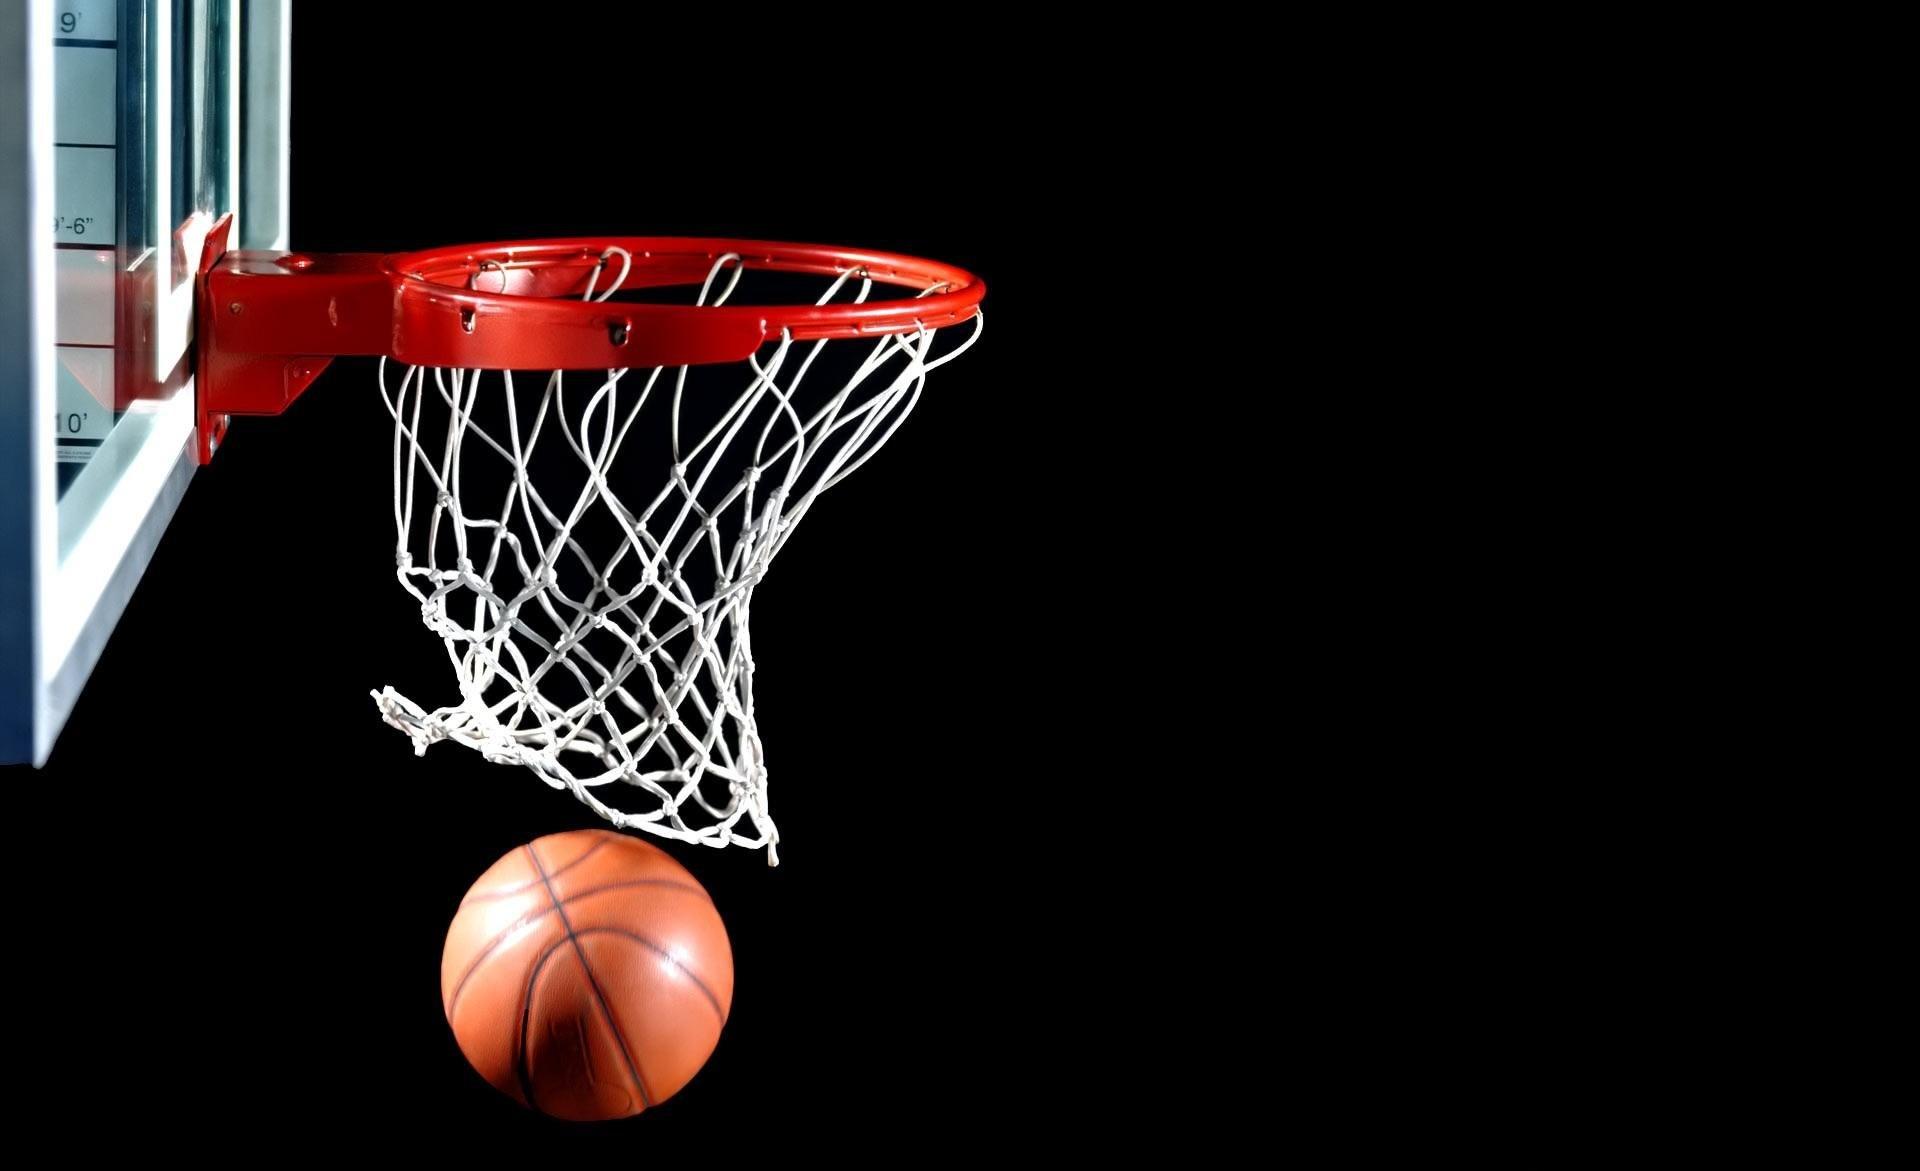 Збірна України з баскетболу прибула в Запоріжжя